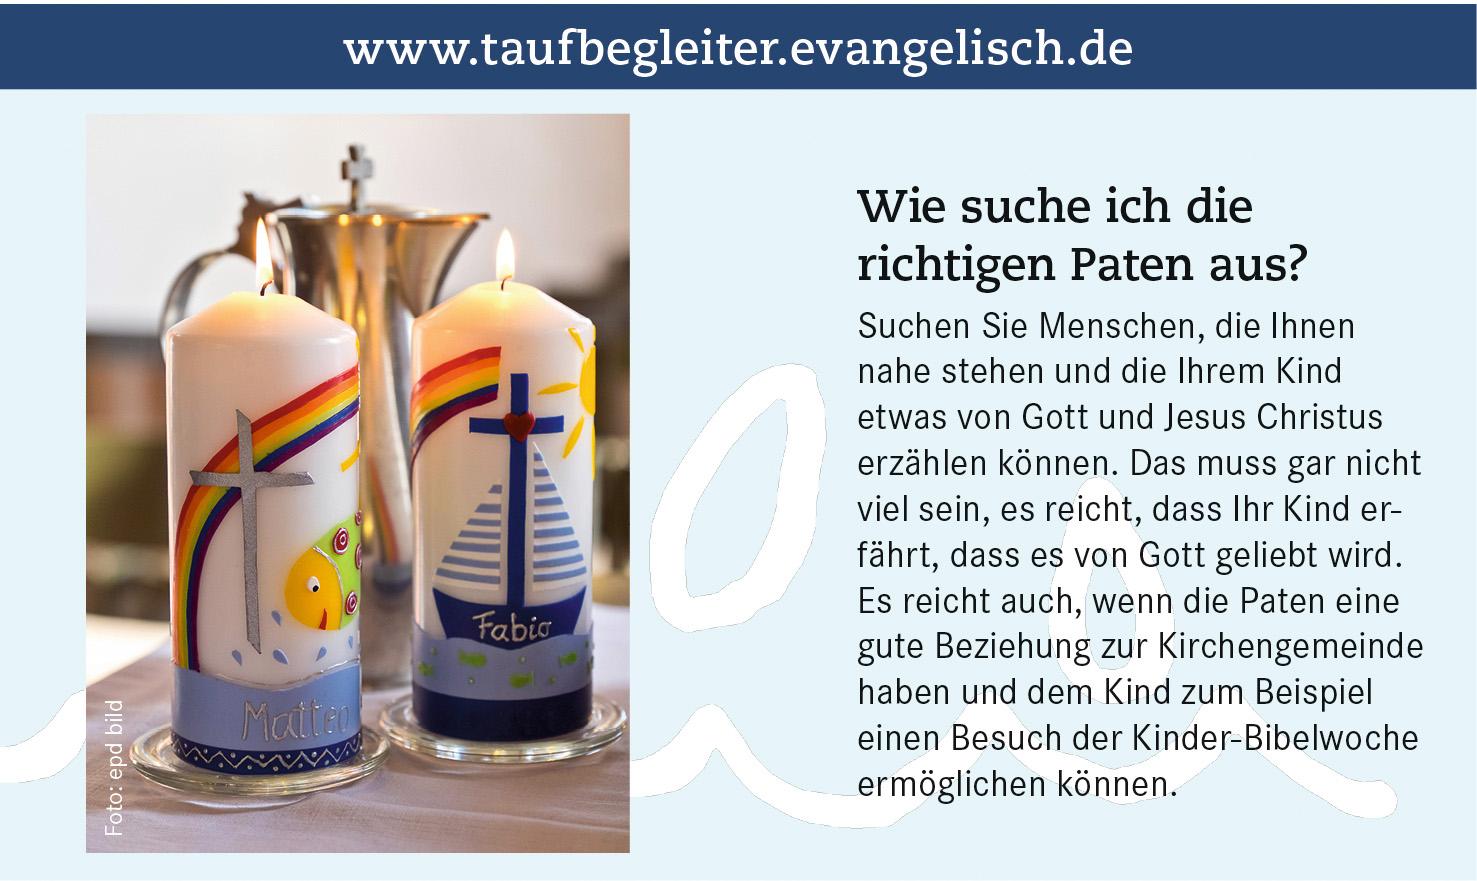 Taufe Trauung Beerdigung Evangelische Kirchengemeinde